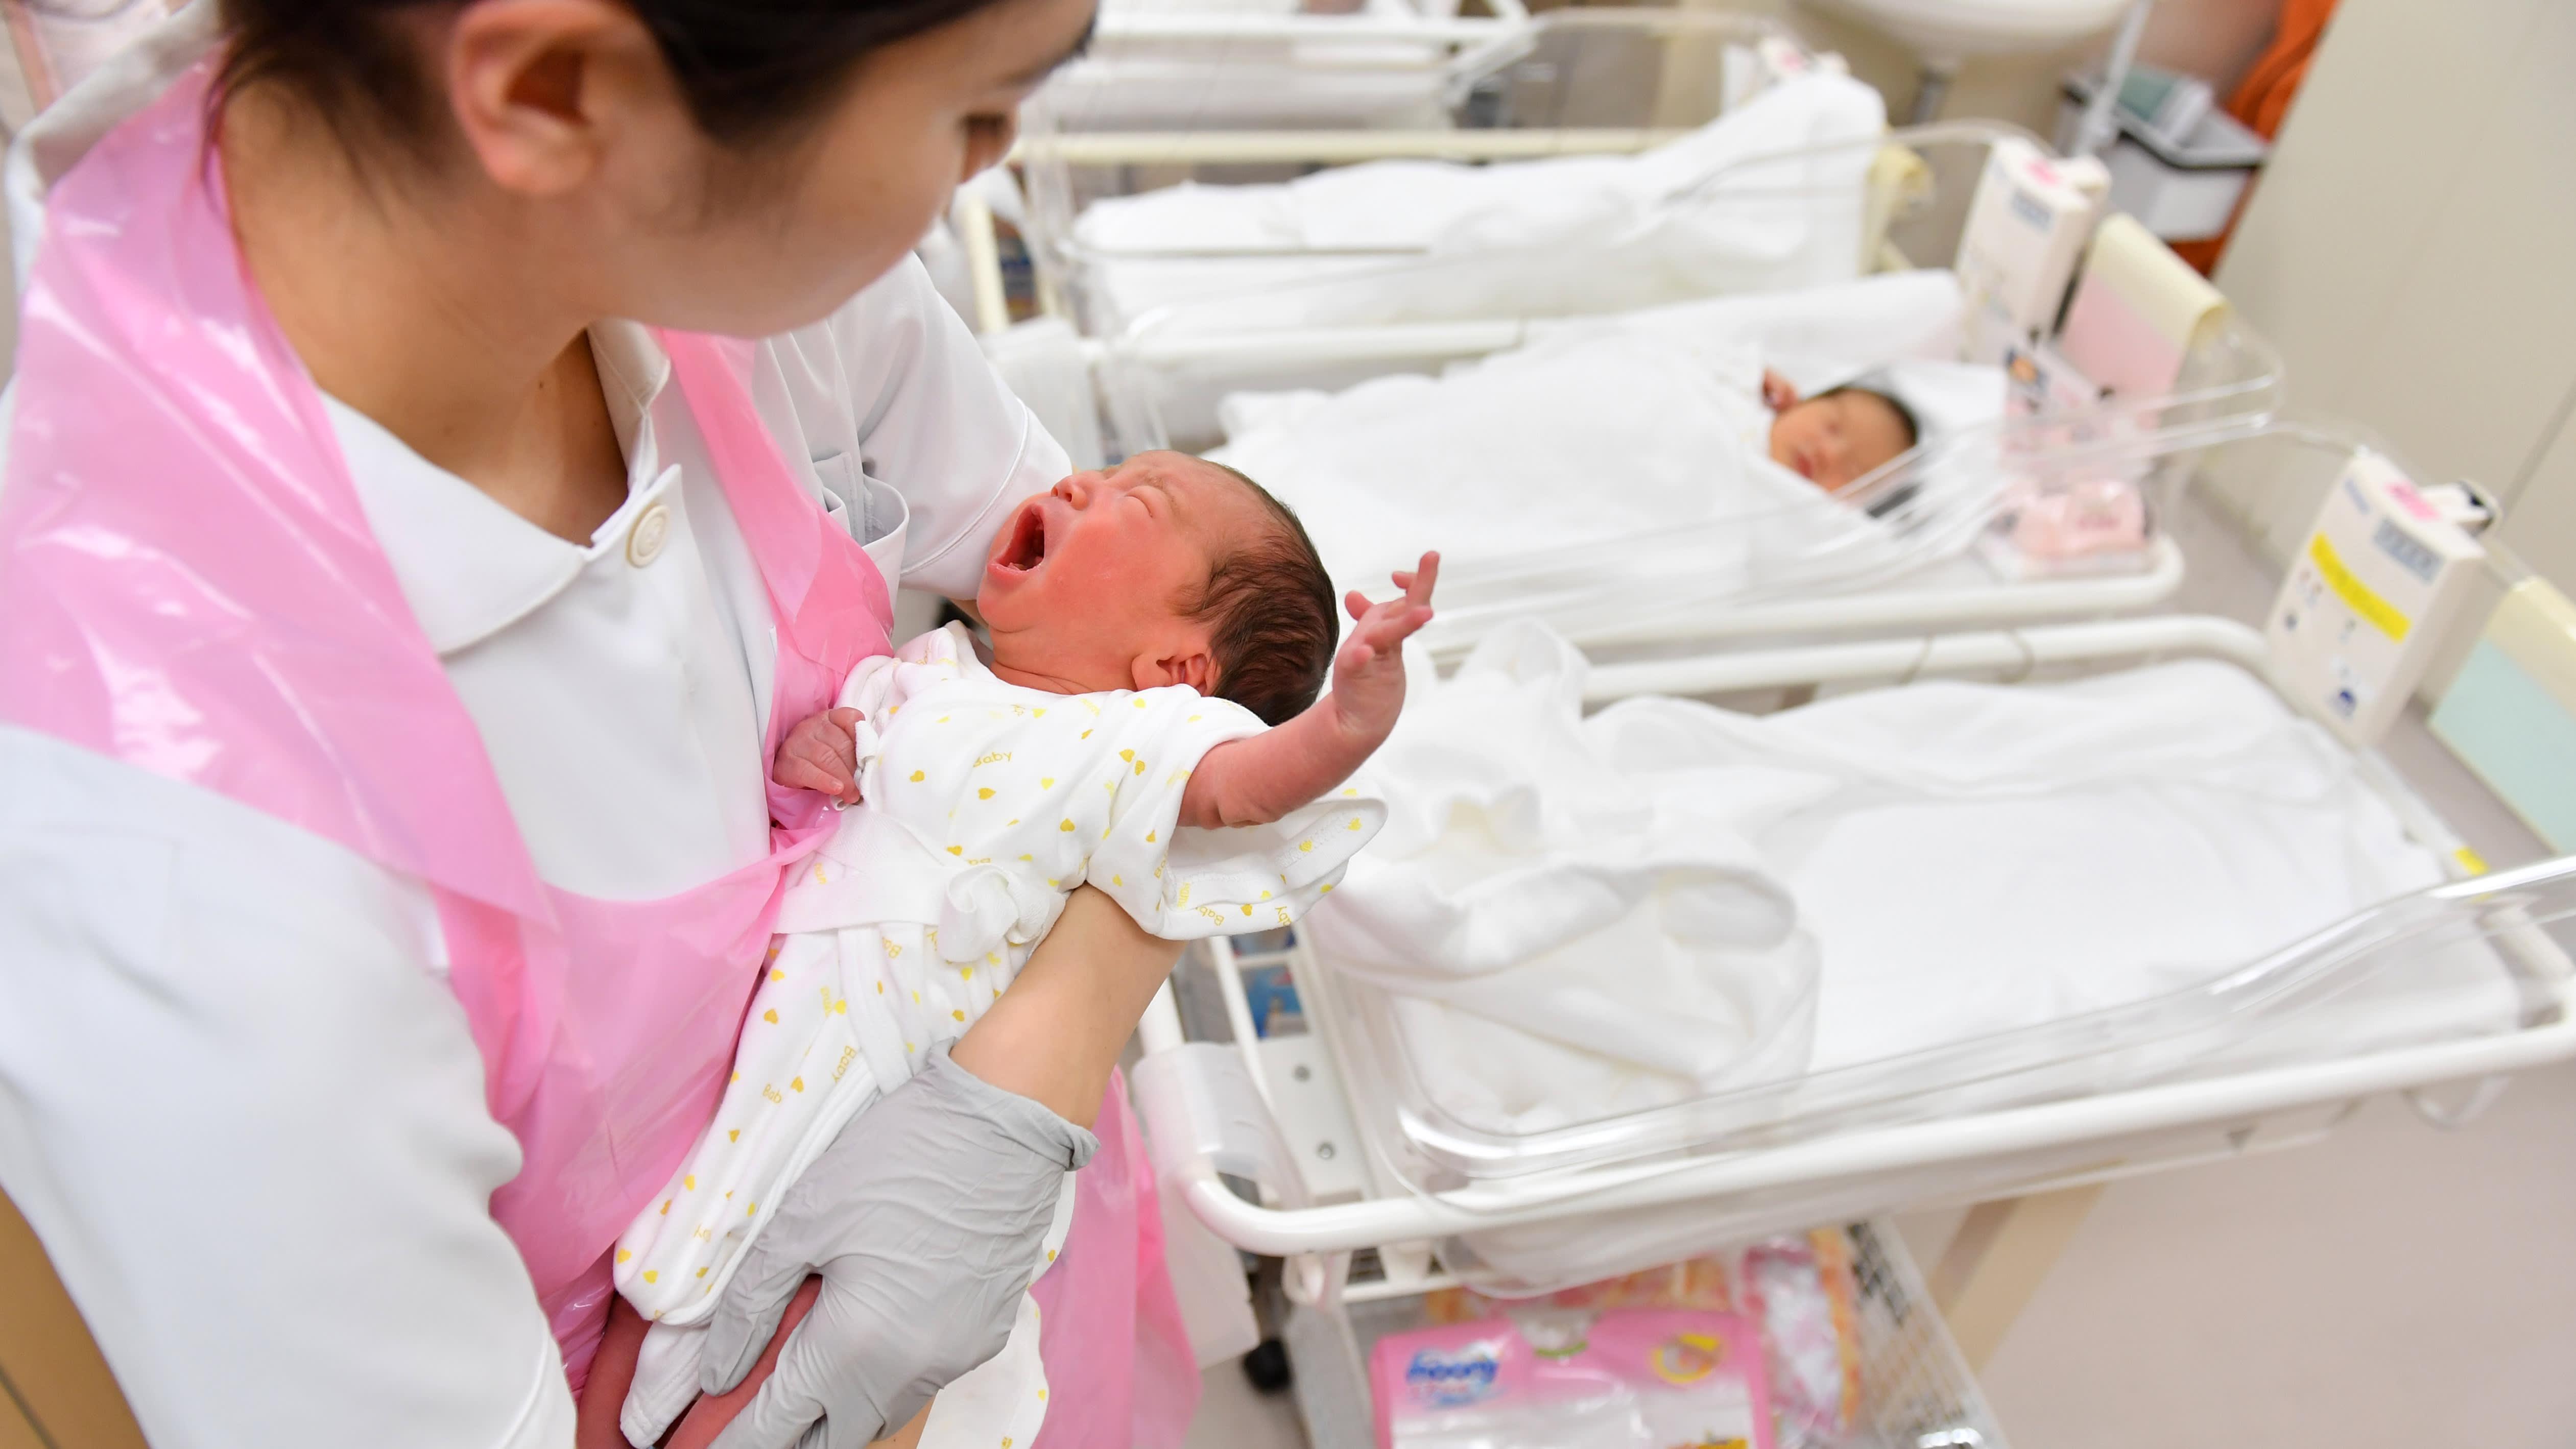 تمر اليابان بأدنى معدل للولادات منذ 120 عاماً | الصورة تعبيرية عبر صحيفة آسيا نيكيه